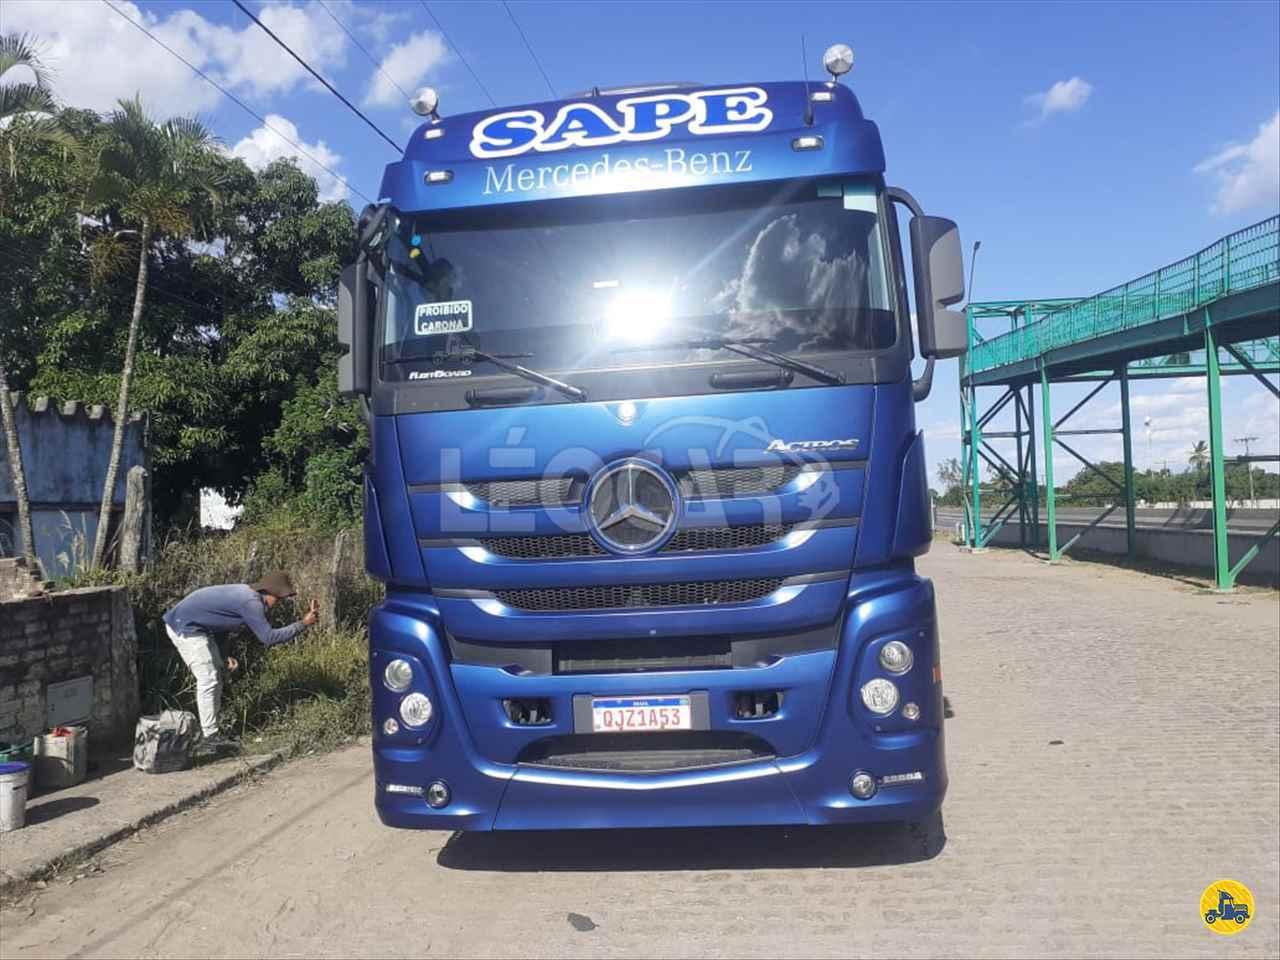 CAMINHAO MERCEDES-BENZ MB 2646 Cavalo Mecânico Truck 6x2 Leocar Caminhões PRIMAVERA DO LESTE MATO GROSSO MT